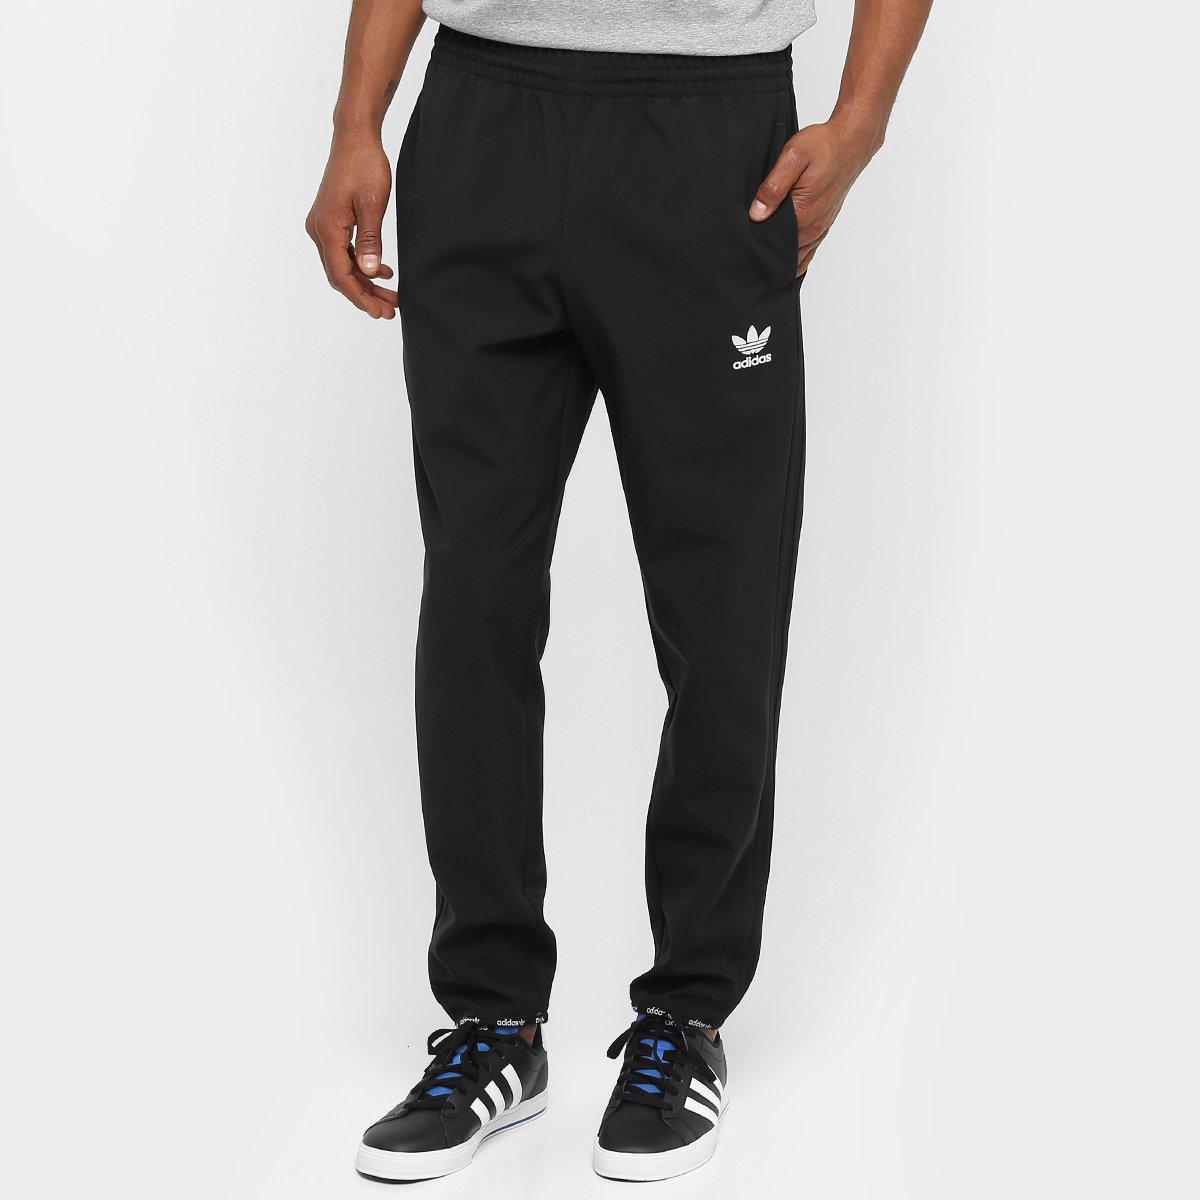 39da228fa Calça Adidas Originals Sst Tp 2 | Netshoes